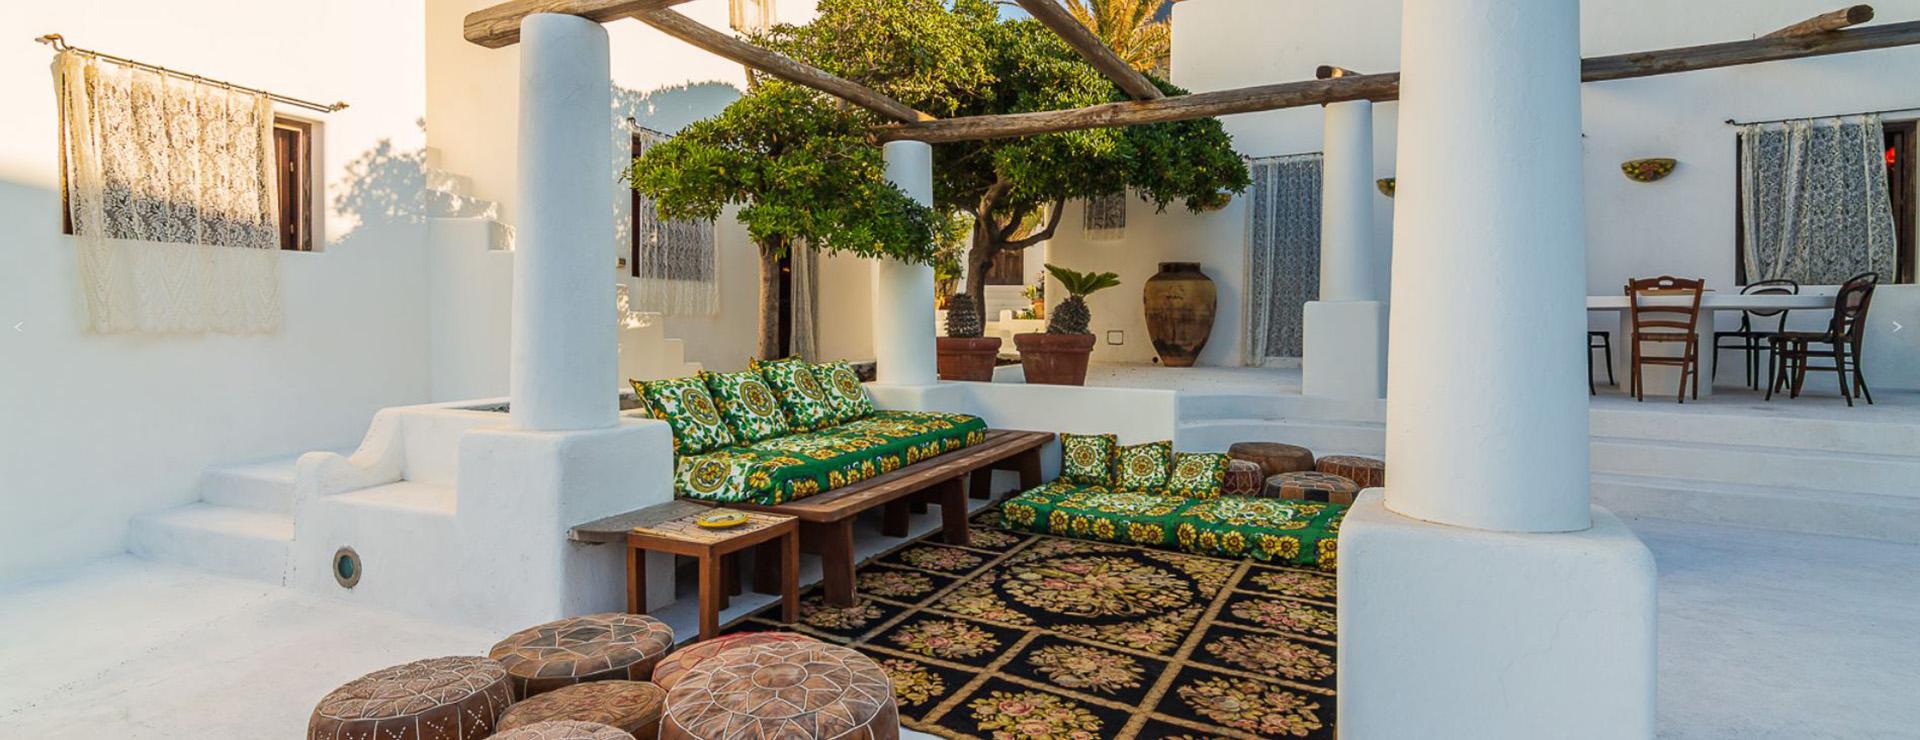 Al estilo de la marca, la mansión está amueblada con piezas y telas únicas de la casa de moda combinadas con piezas locales hechas a mano, coloridos azulejos de mayólica pintados a mano y cortinas de encaje que crean una estética única